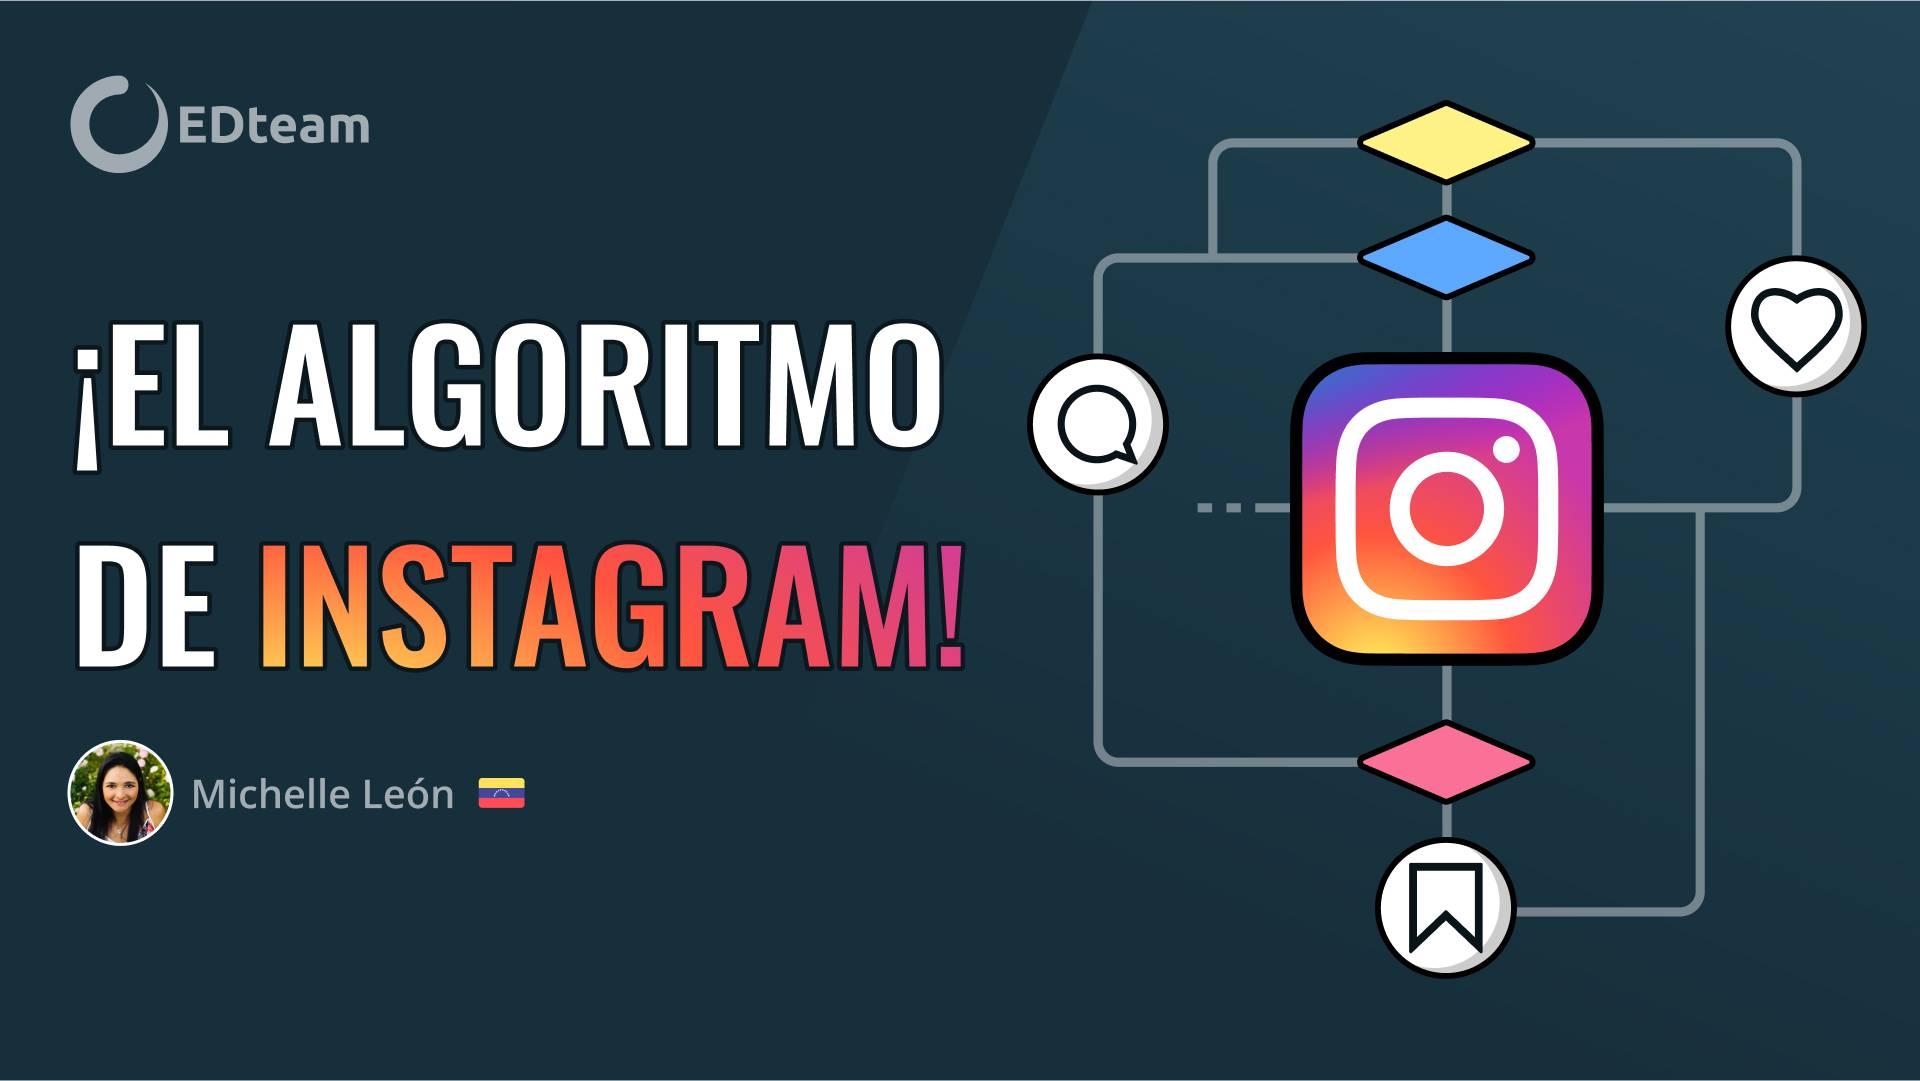 El algoritmo de Instagram